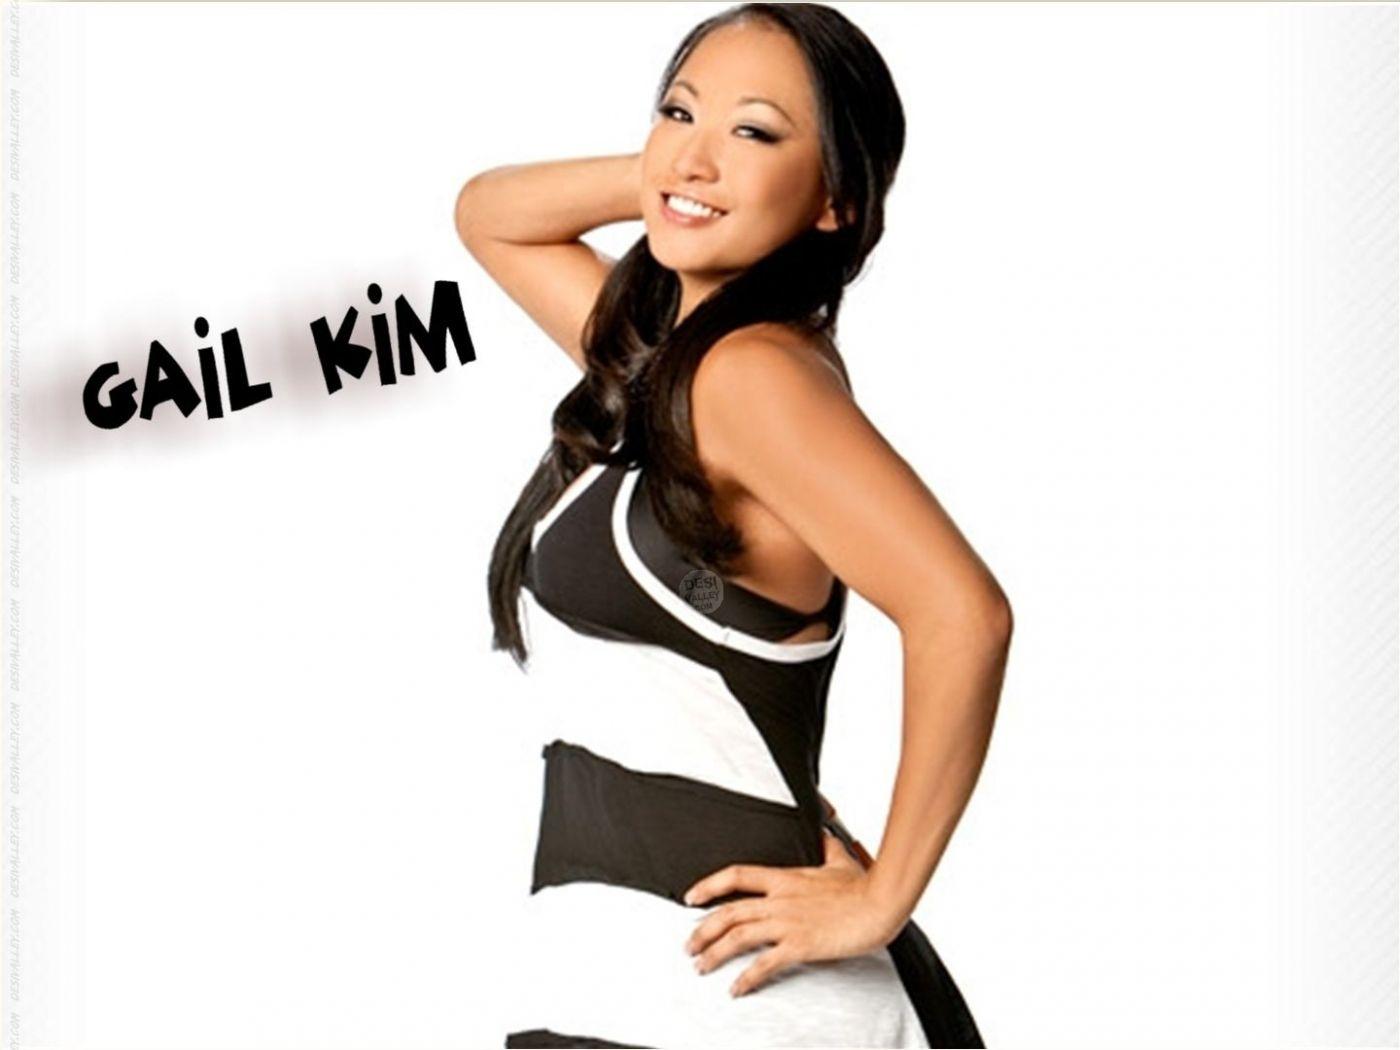 Gail Kim Hot Images wwe wallpapers: gail kim   wwe diva   wwe diva gail kim